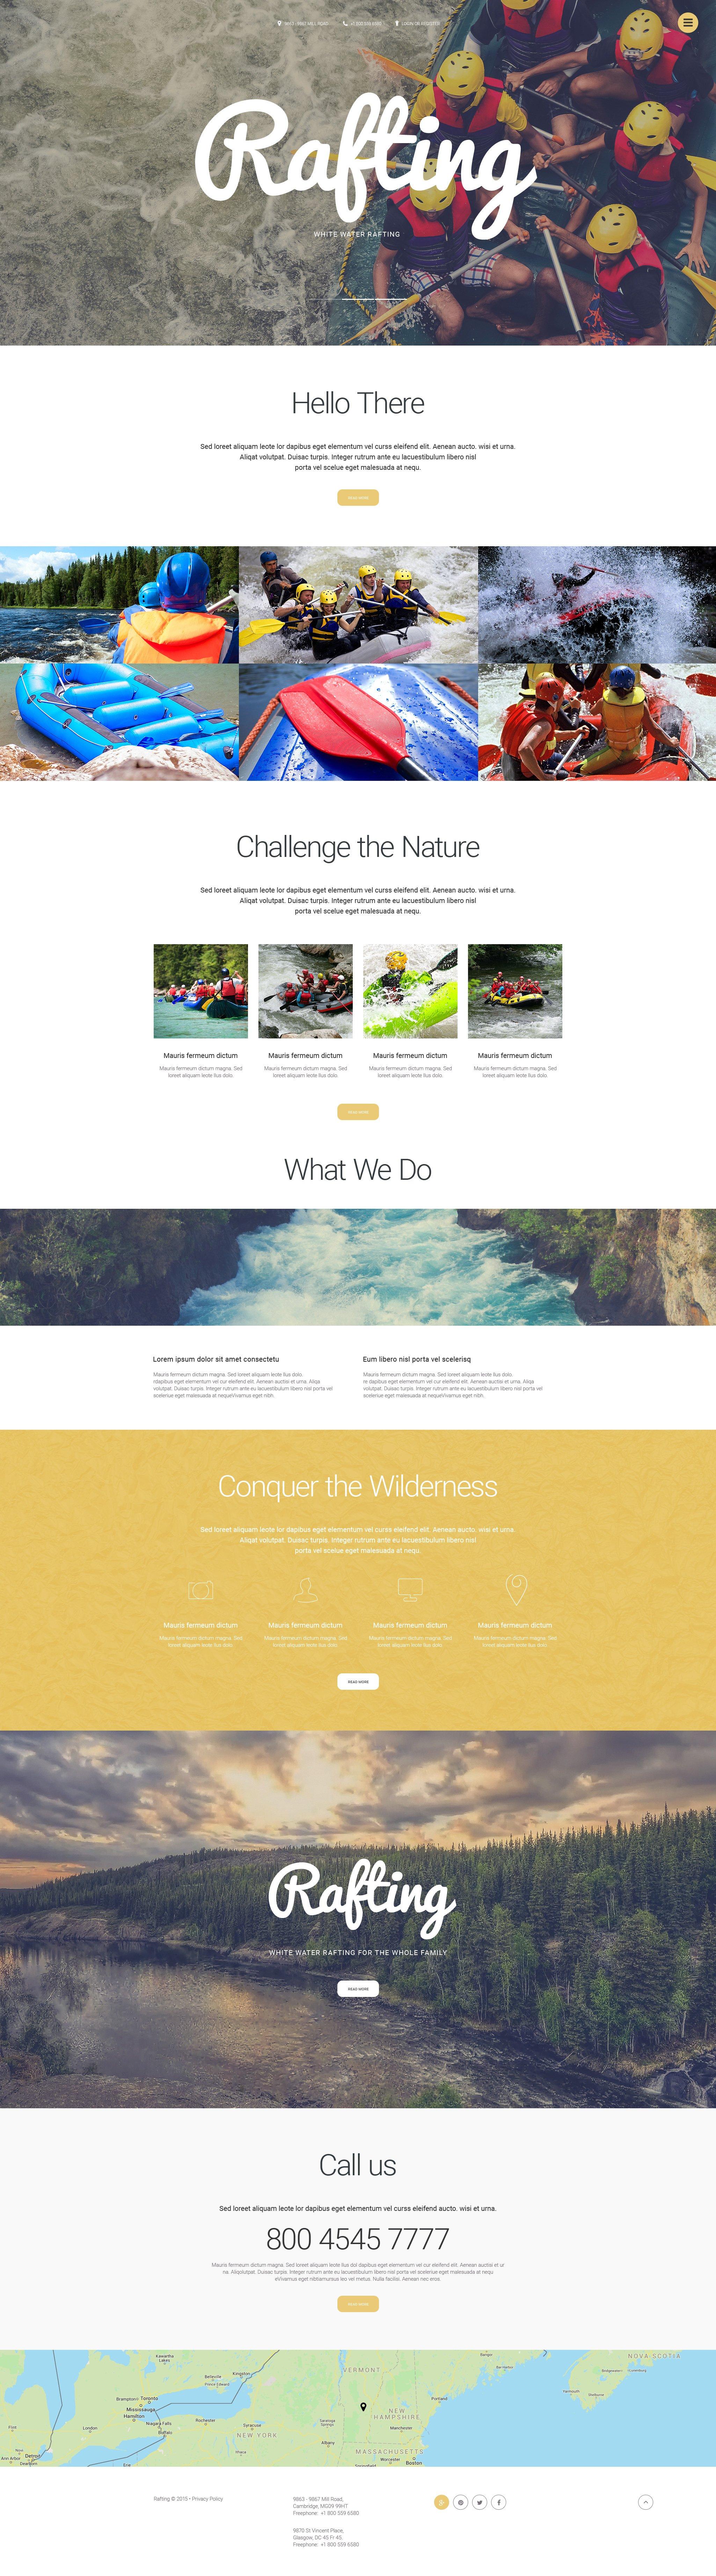 Rafting Trips Website Template